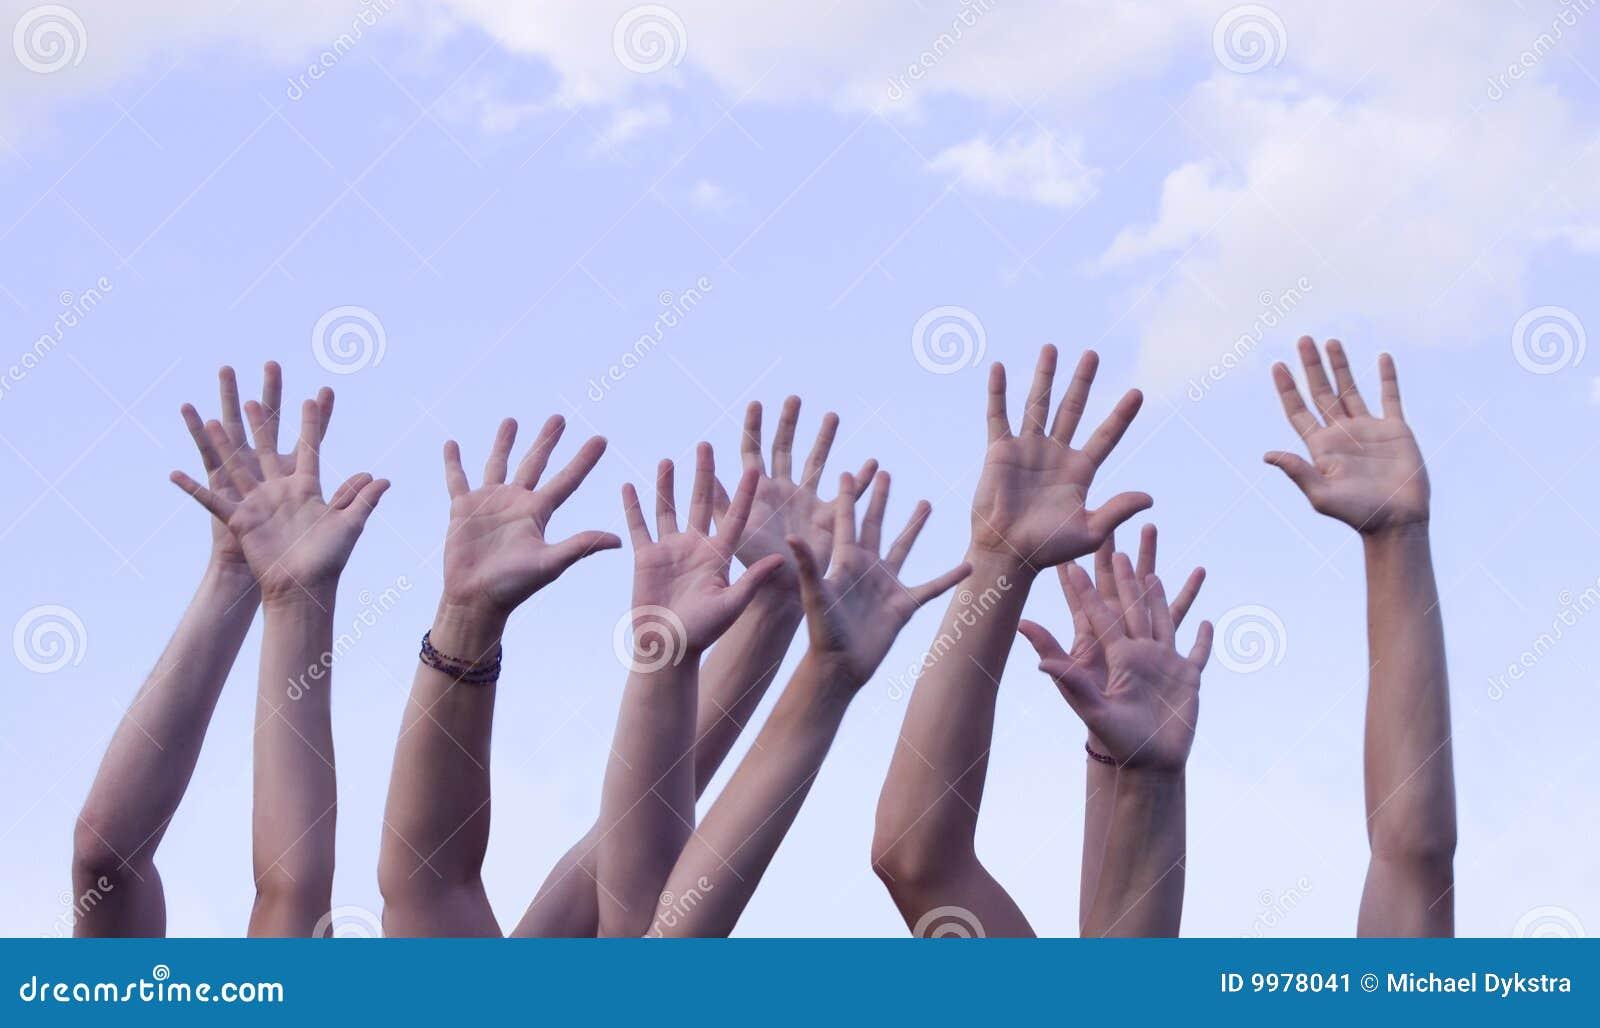 Mãos levantadas no ar de encontro ao céu